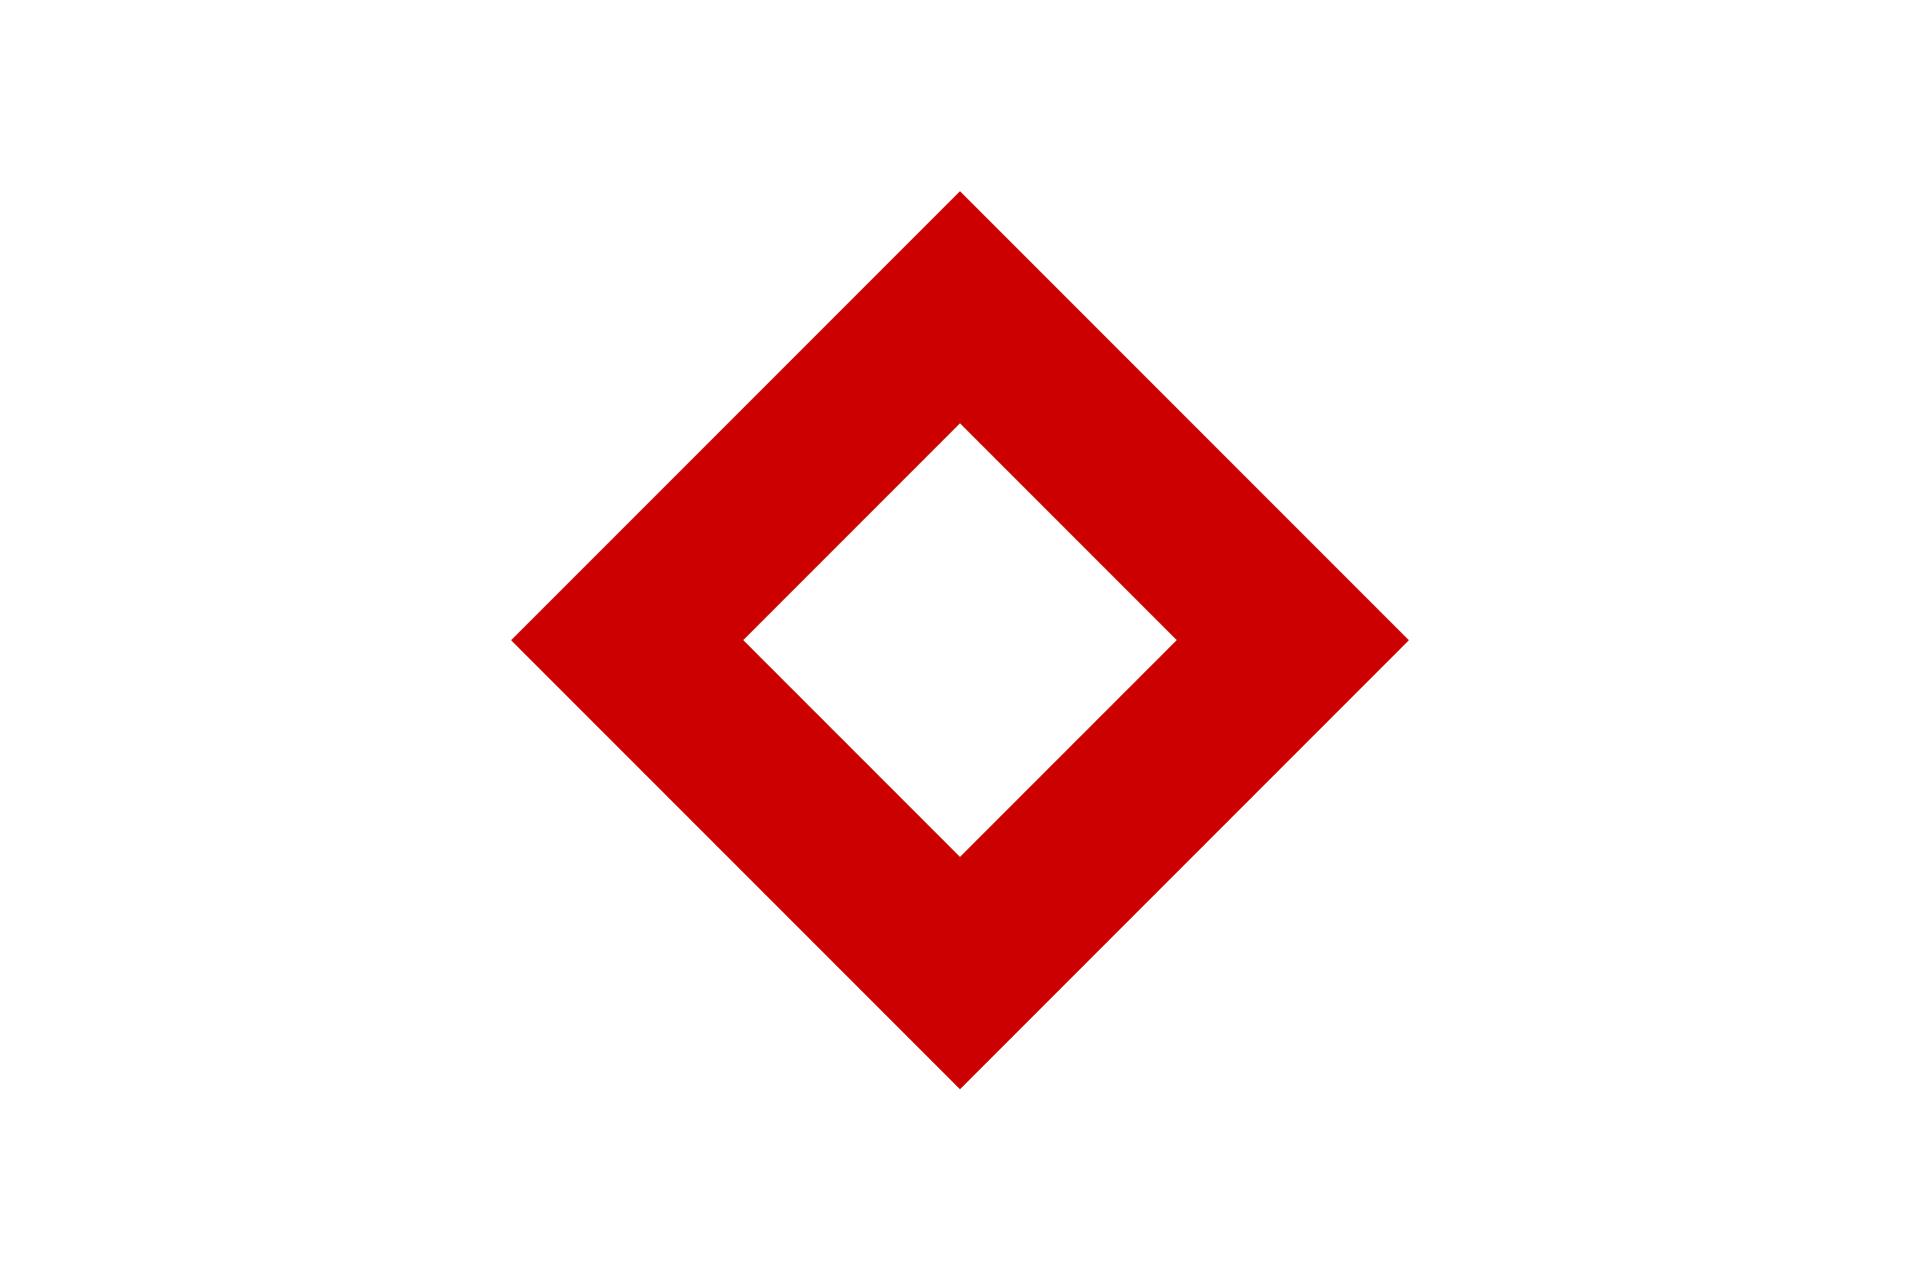 Galeria składa się z4 czerwonych symboli ułożonych wdwóch rzędach.Trzeci symbol: odwrócony kwadrat wsparty na jednym wierzchołku. Wzdłuż krawędzi kwadratu szeroka czerwona krawędź. Wnętrze kwadratu białe.